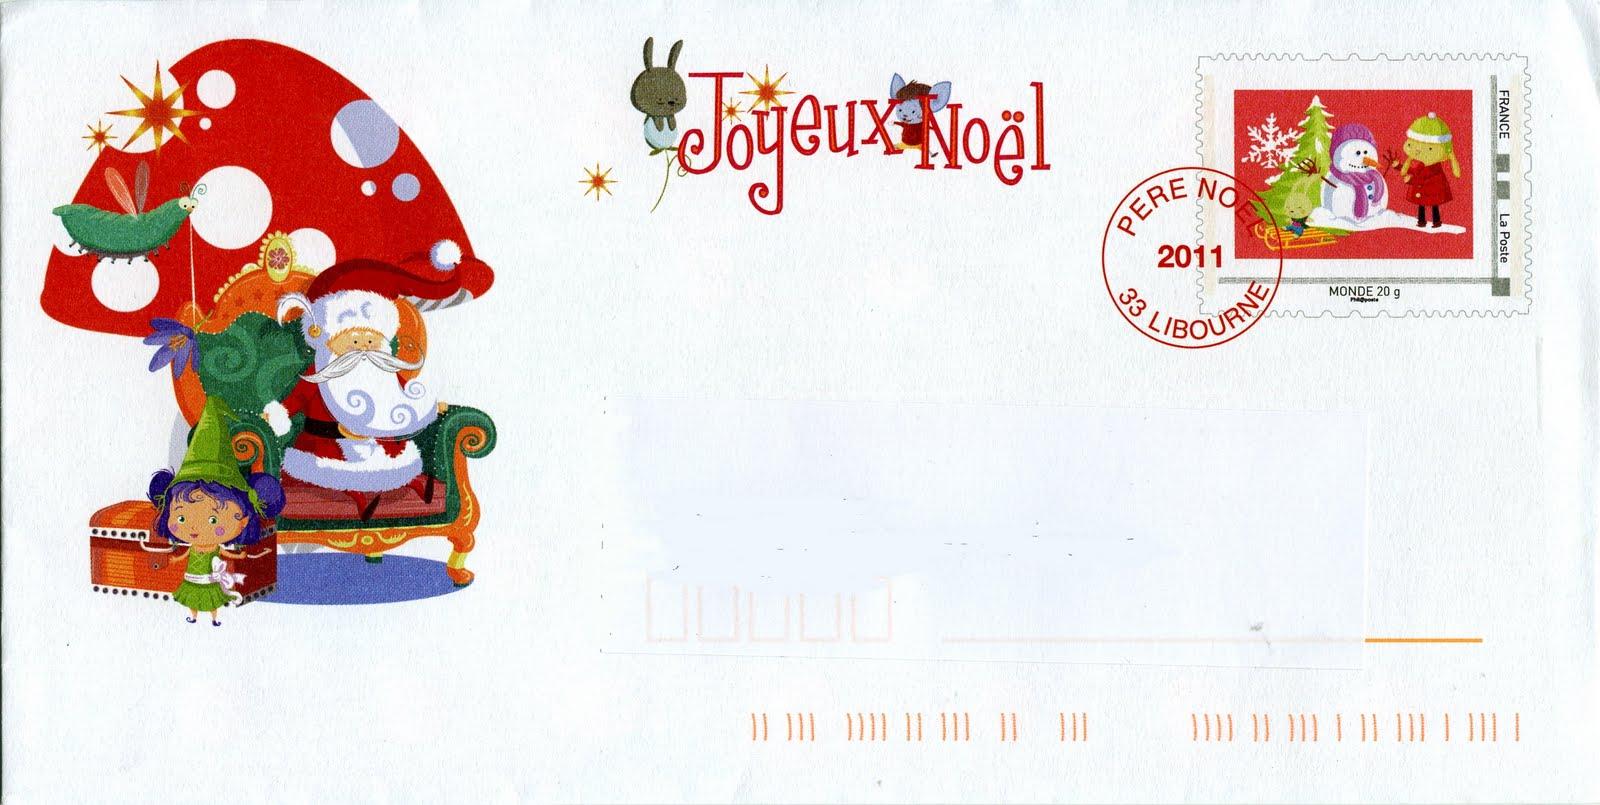 la poste pere noel Blog Philatélie Cartophilie de Michel: Le courrier du Père Noël et  la poste pere noel